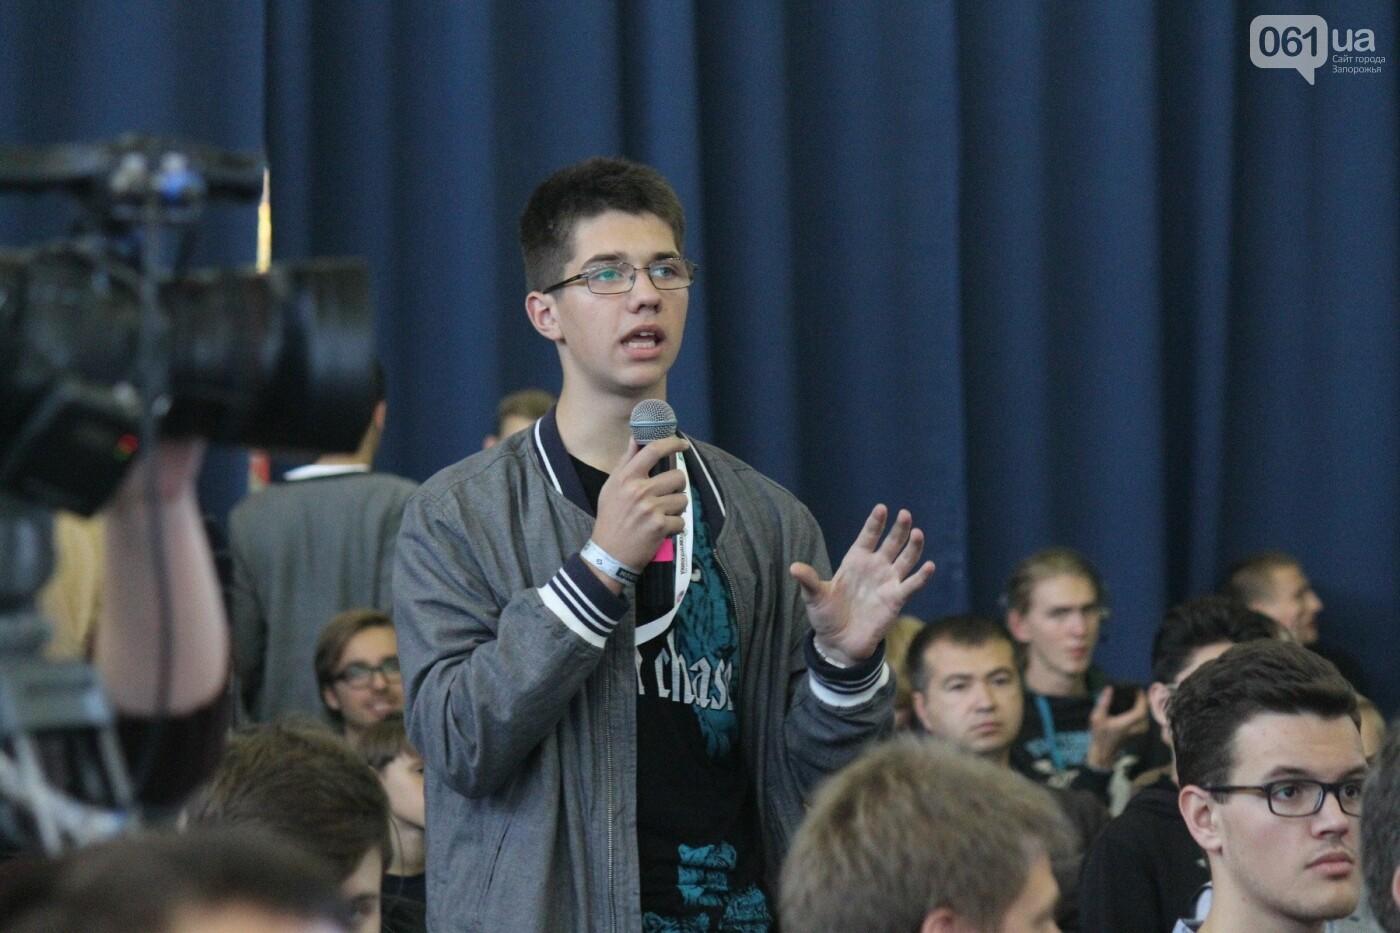 Роботы, киберспорт и спикеры-иностранцы: в Запорожье начался International IT Forum, – ФОТОРЕПОРТАЖ, фото-18